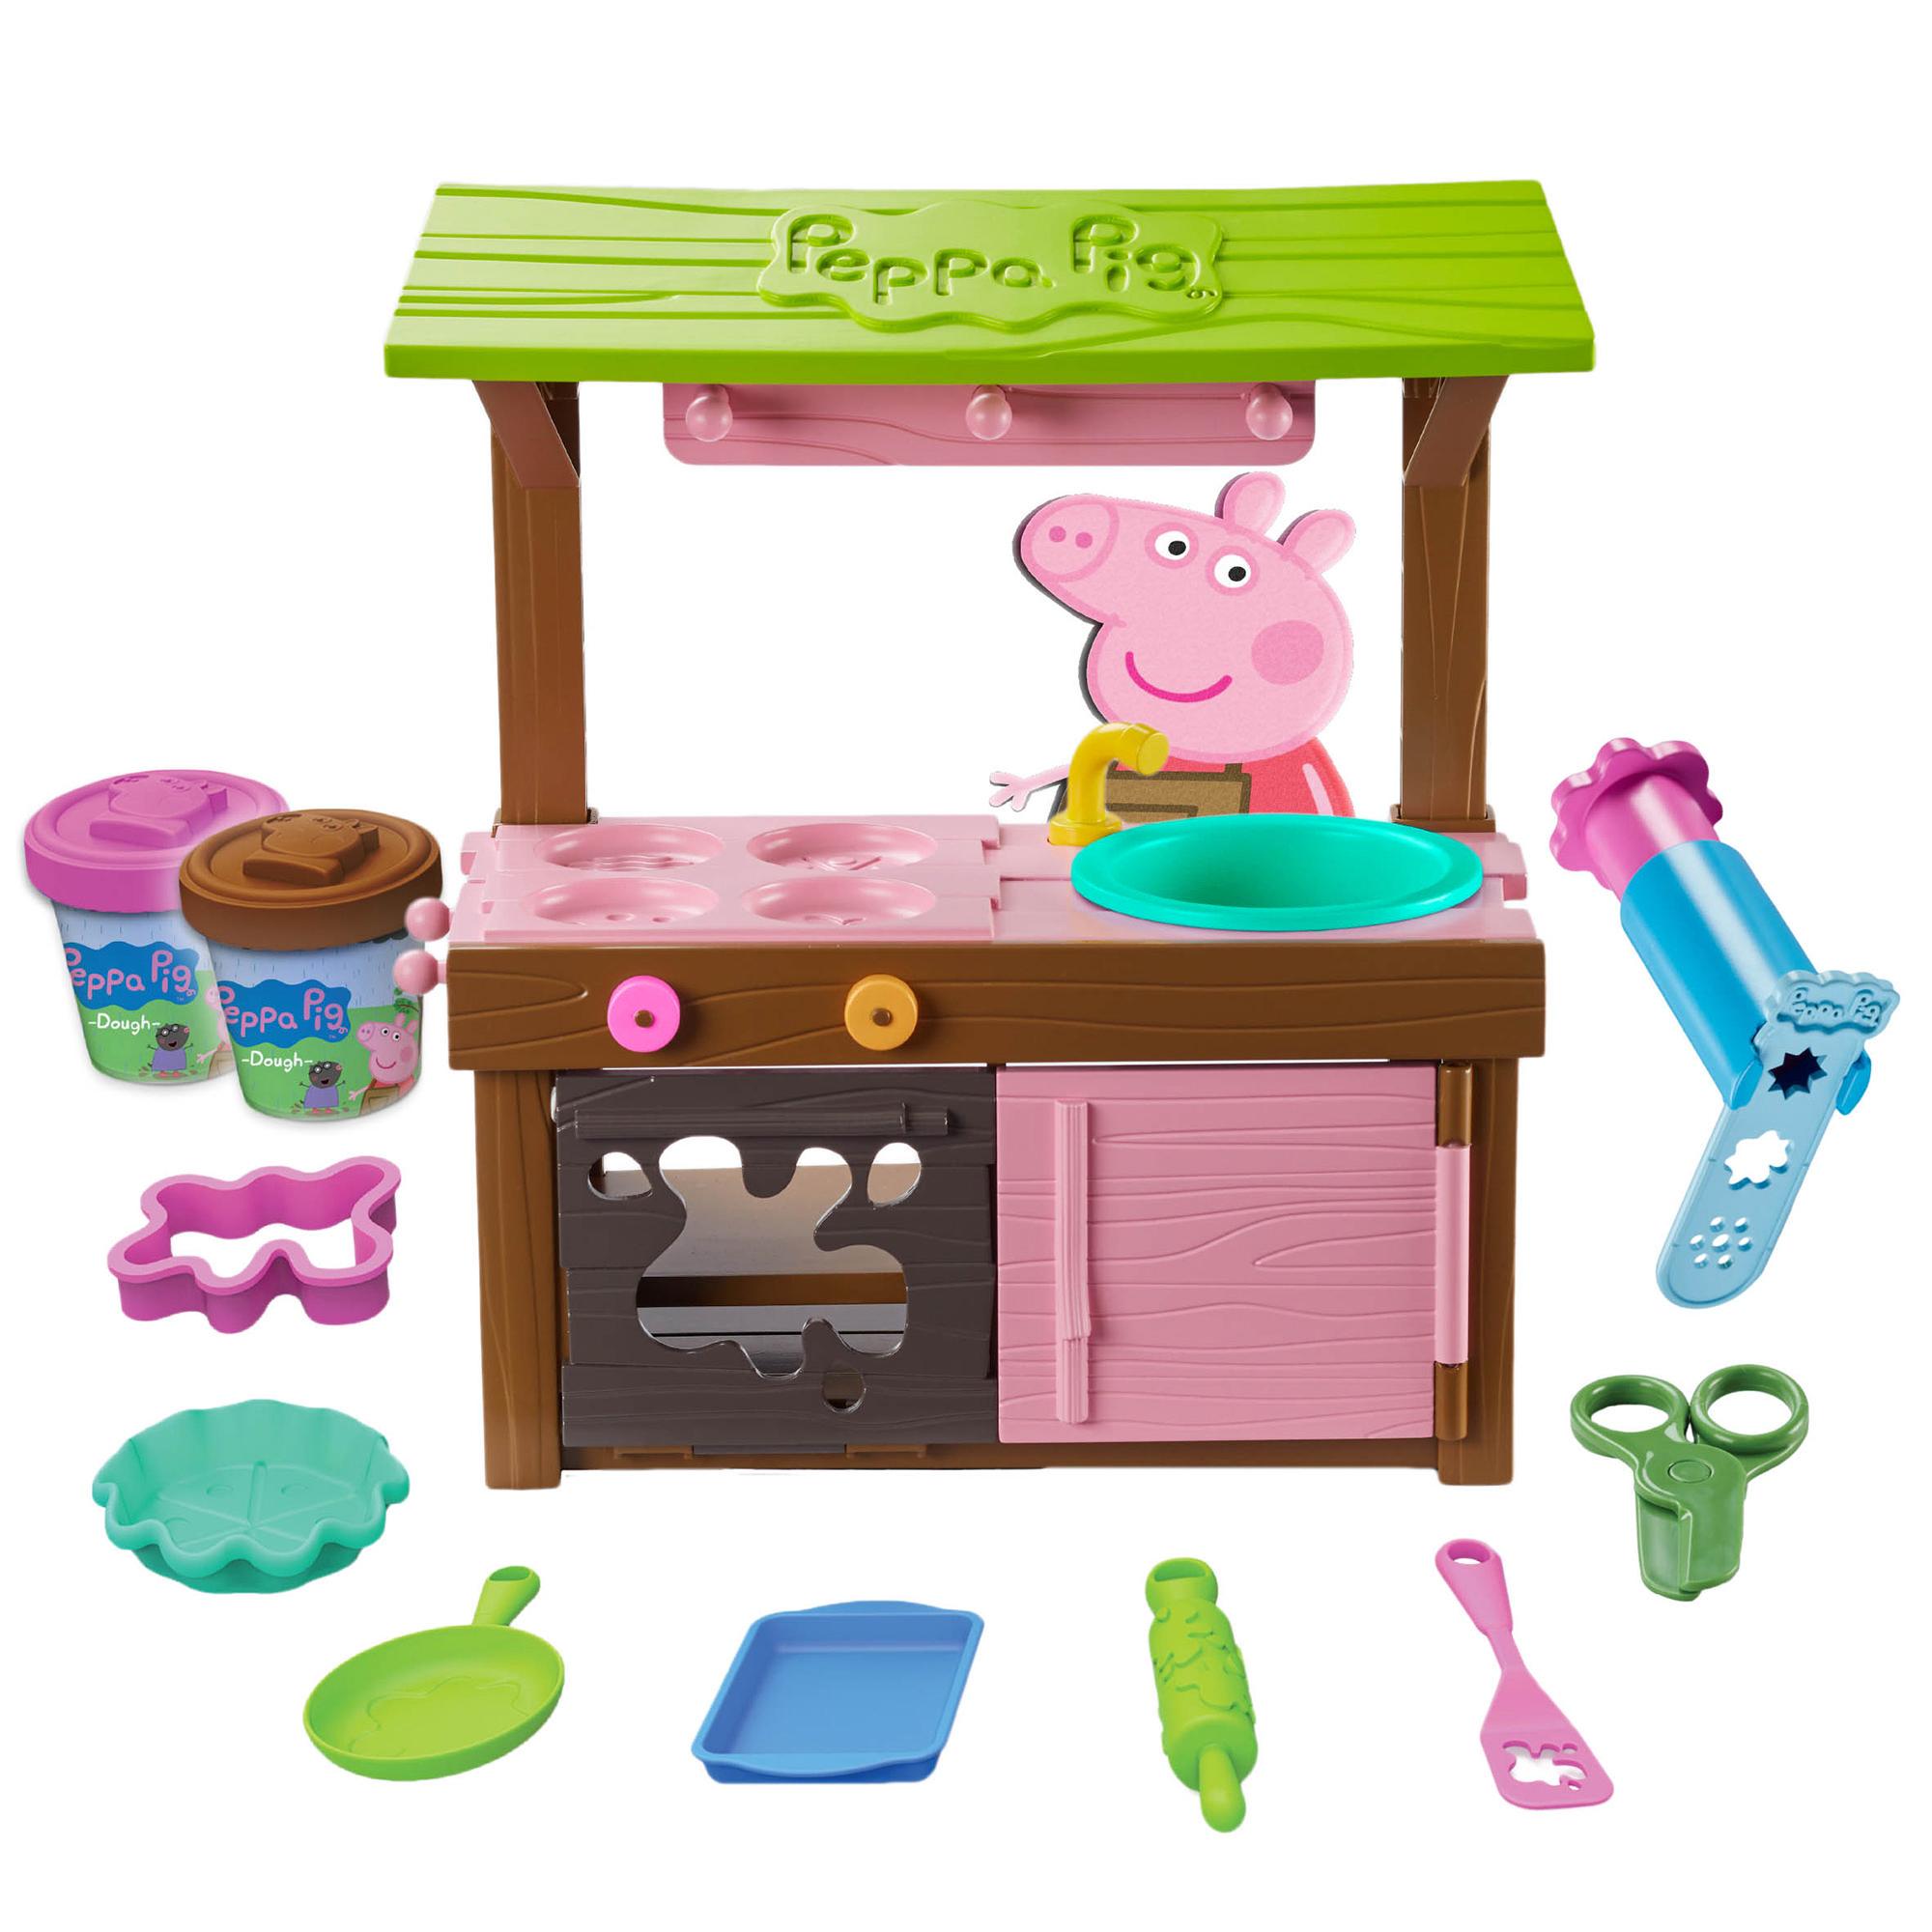 Peppa's Mud Kitchen Dough Playset